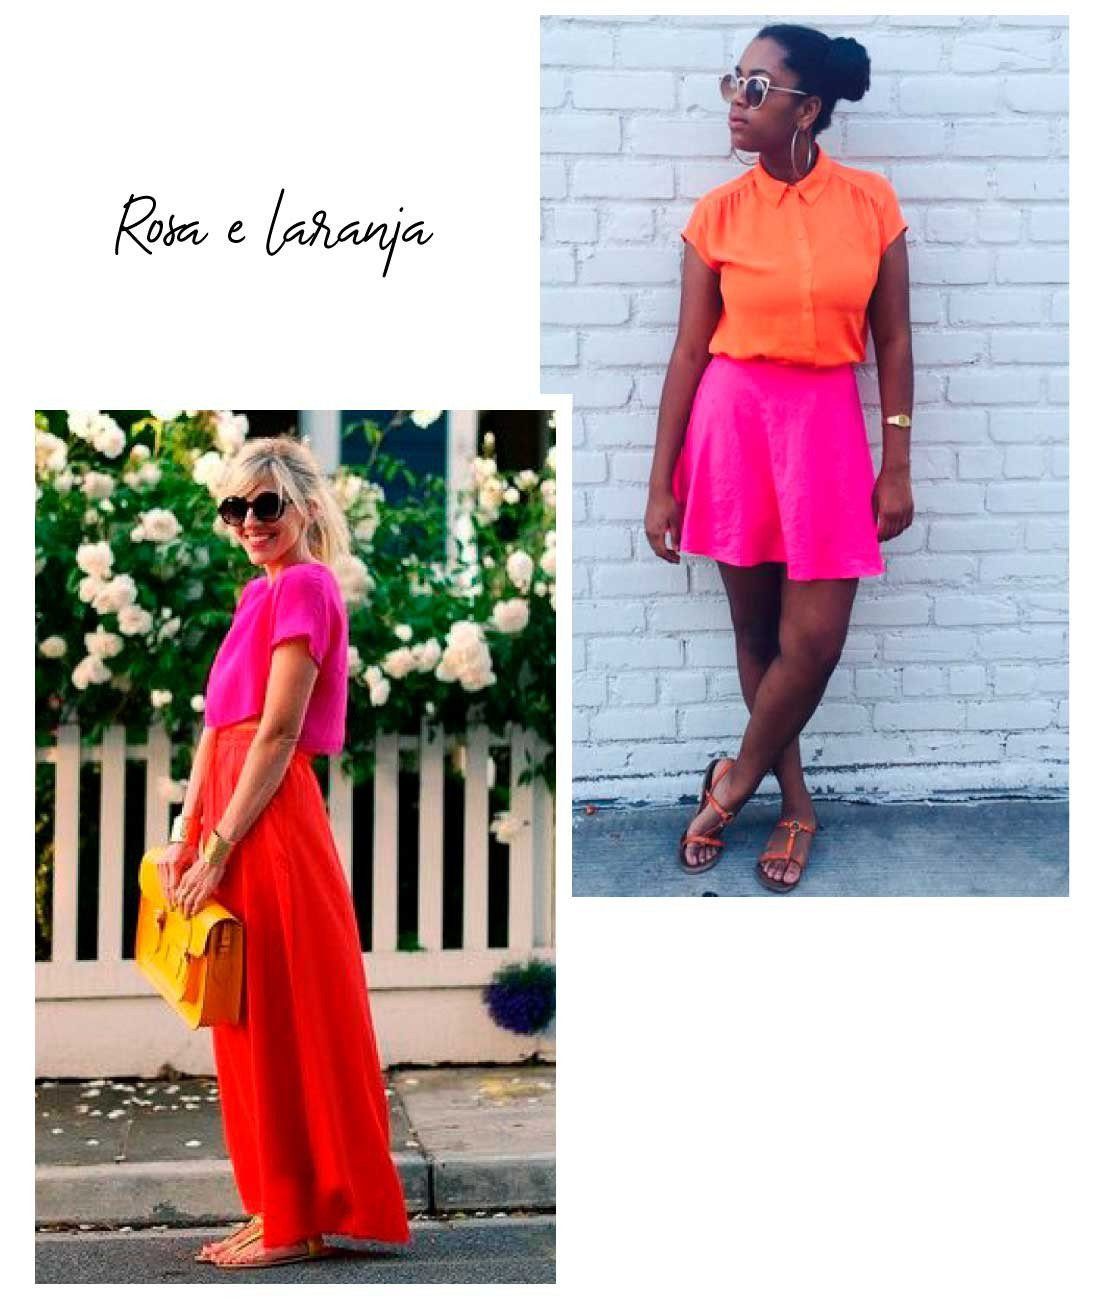 rosa e laranja